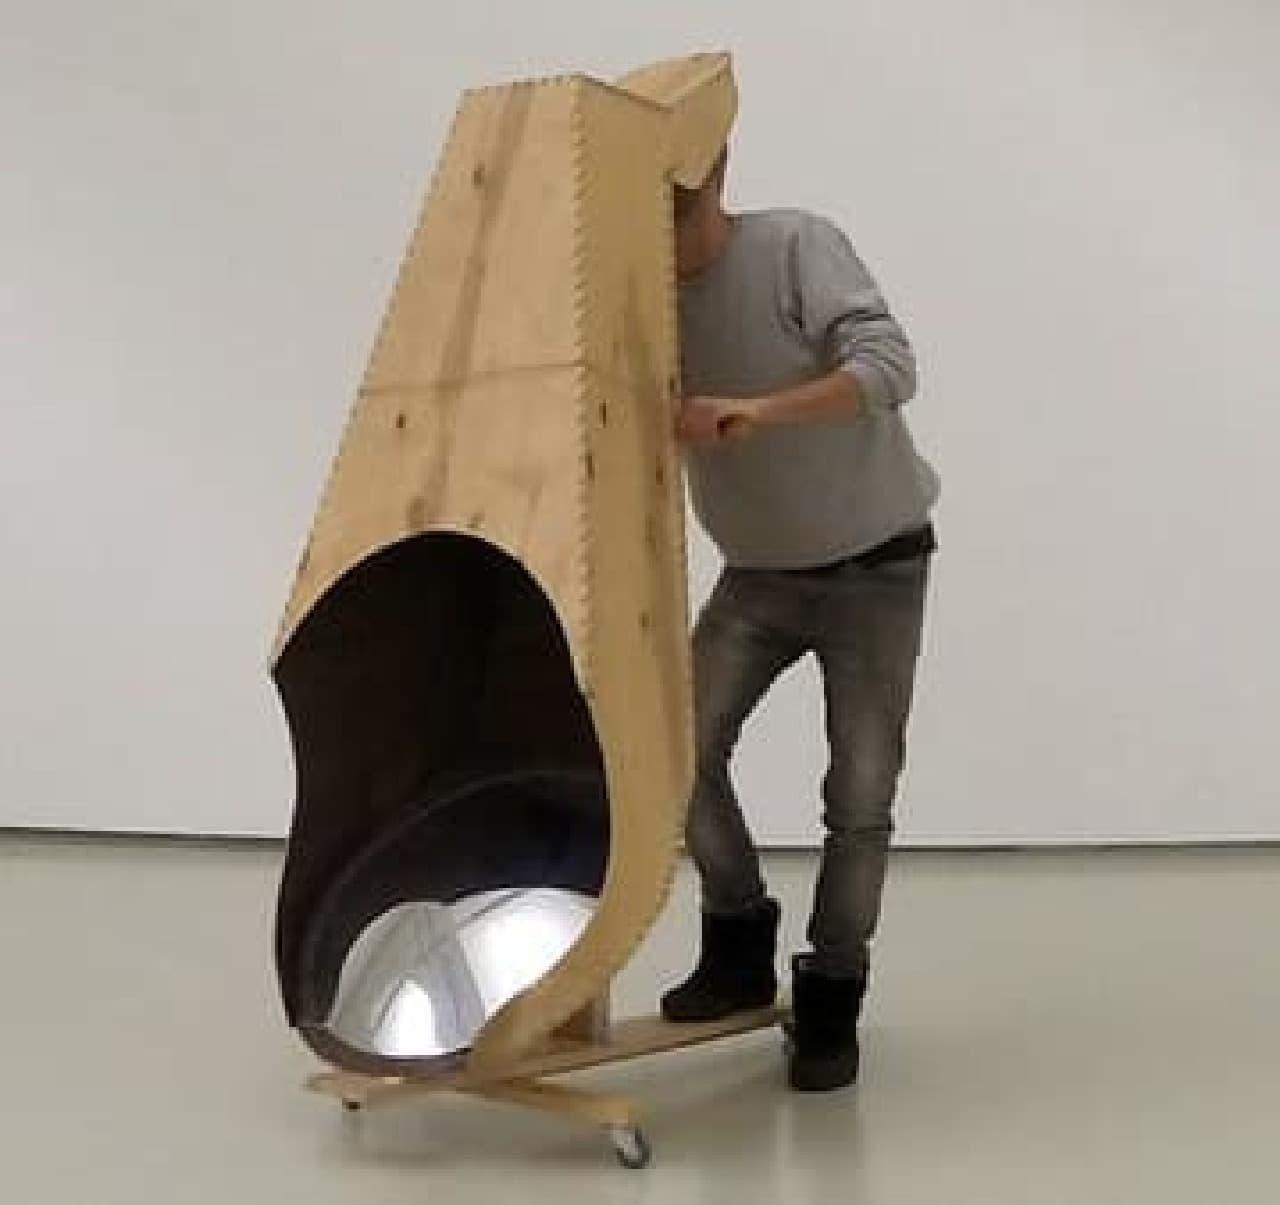 潜望鏡に2,000ポンド(約35万円)払える人って、いるのかな?